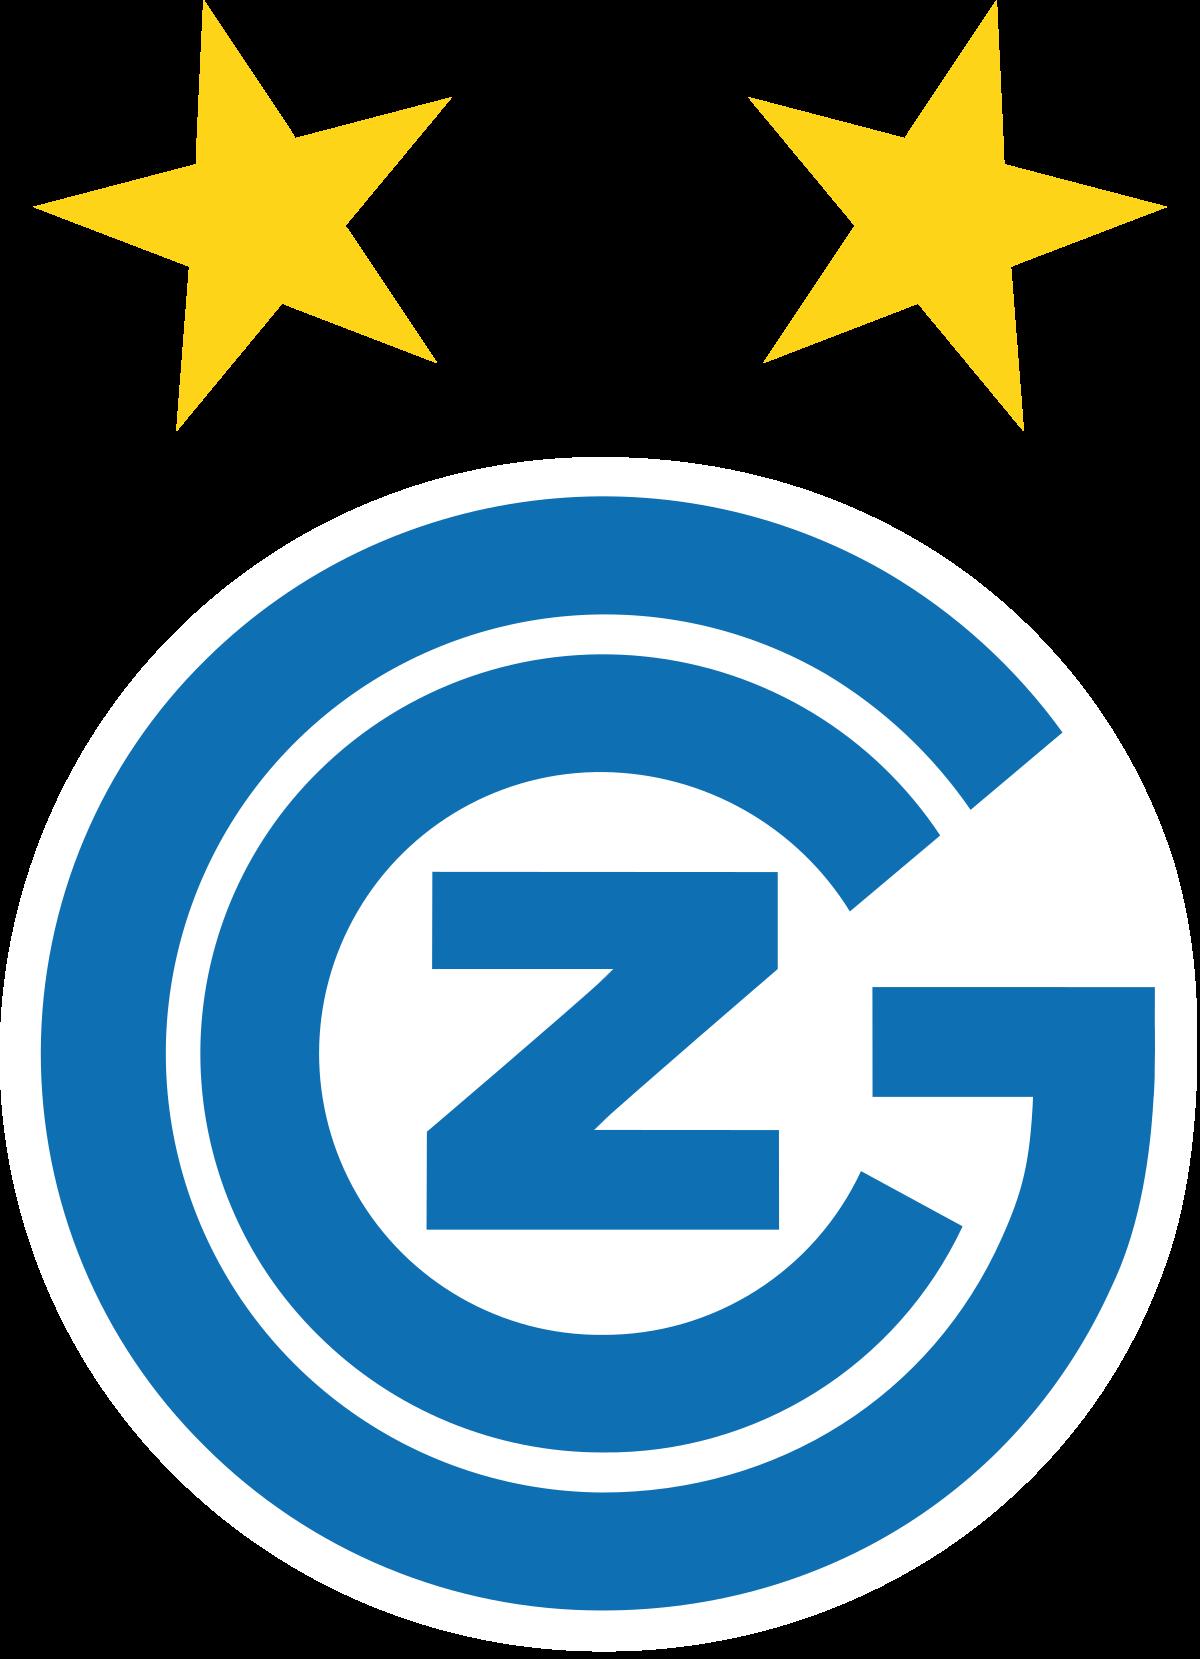 GCZ Logo